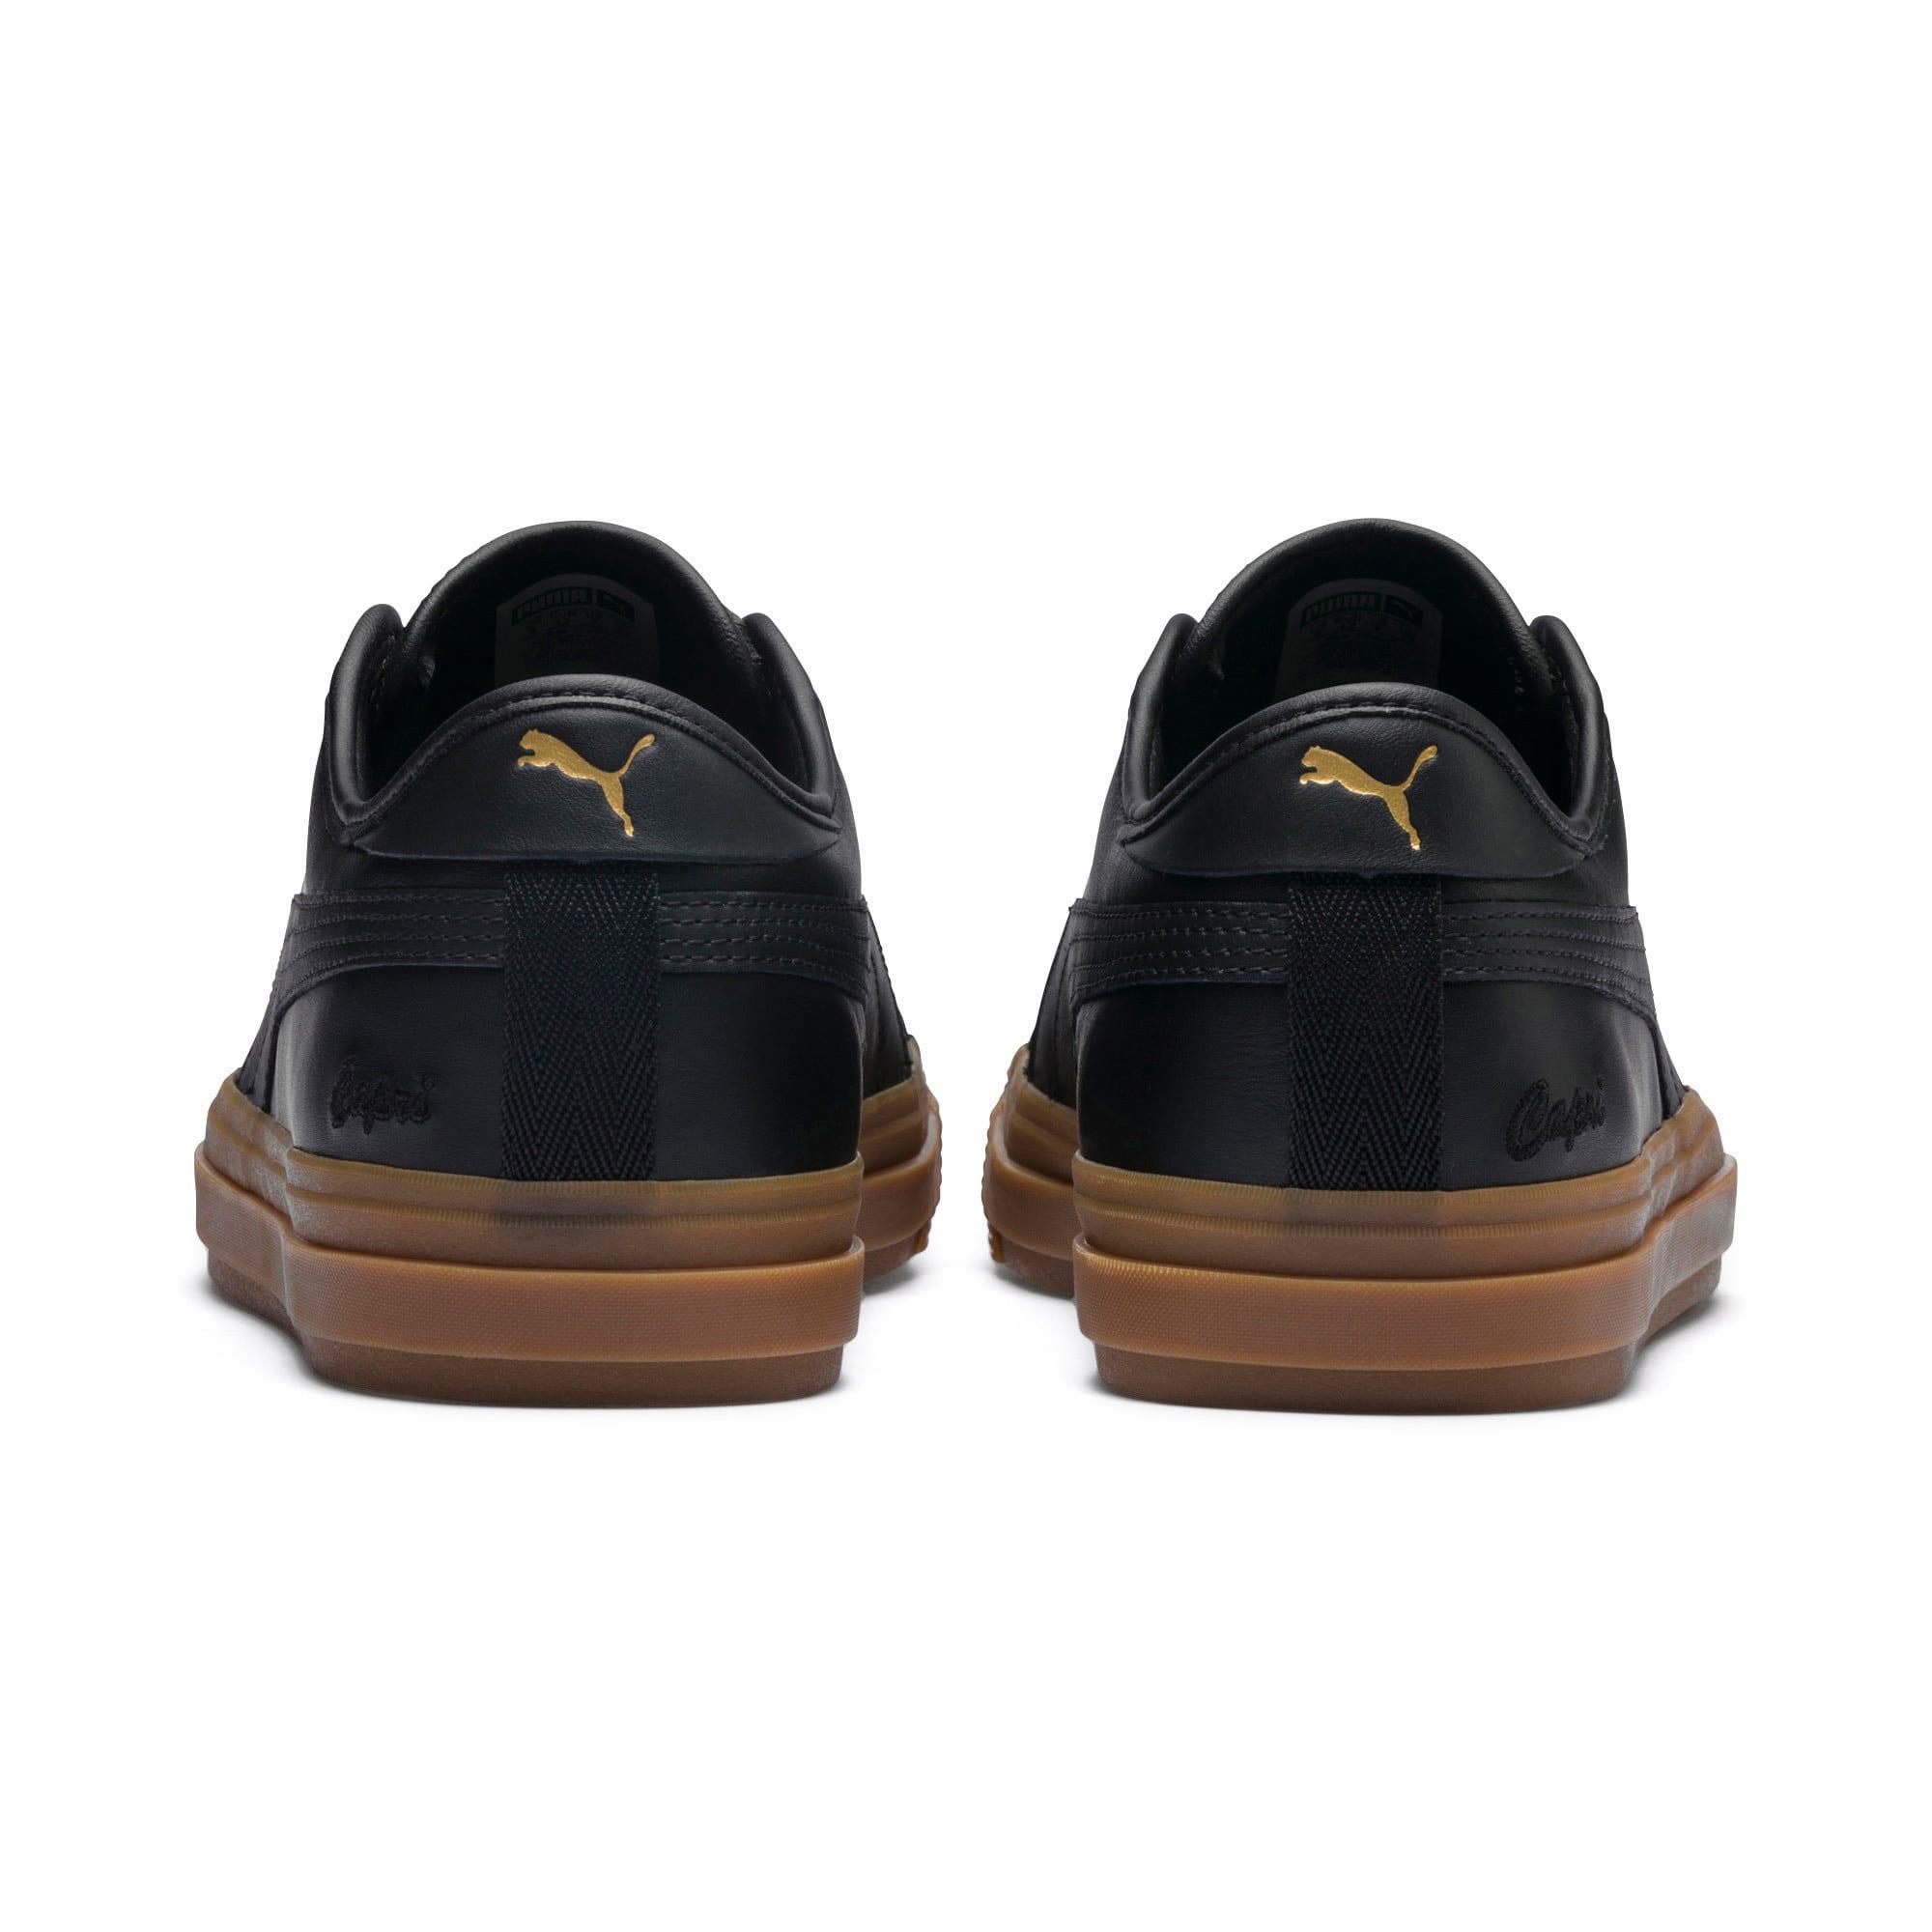 Thumbnail 5 of Capri Leather Trainers, Puma Black-Gum-Gum, medium-IND